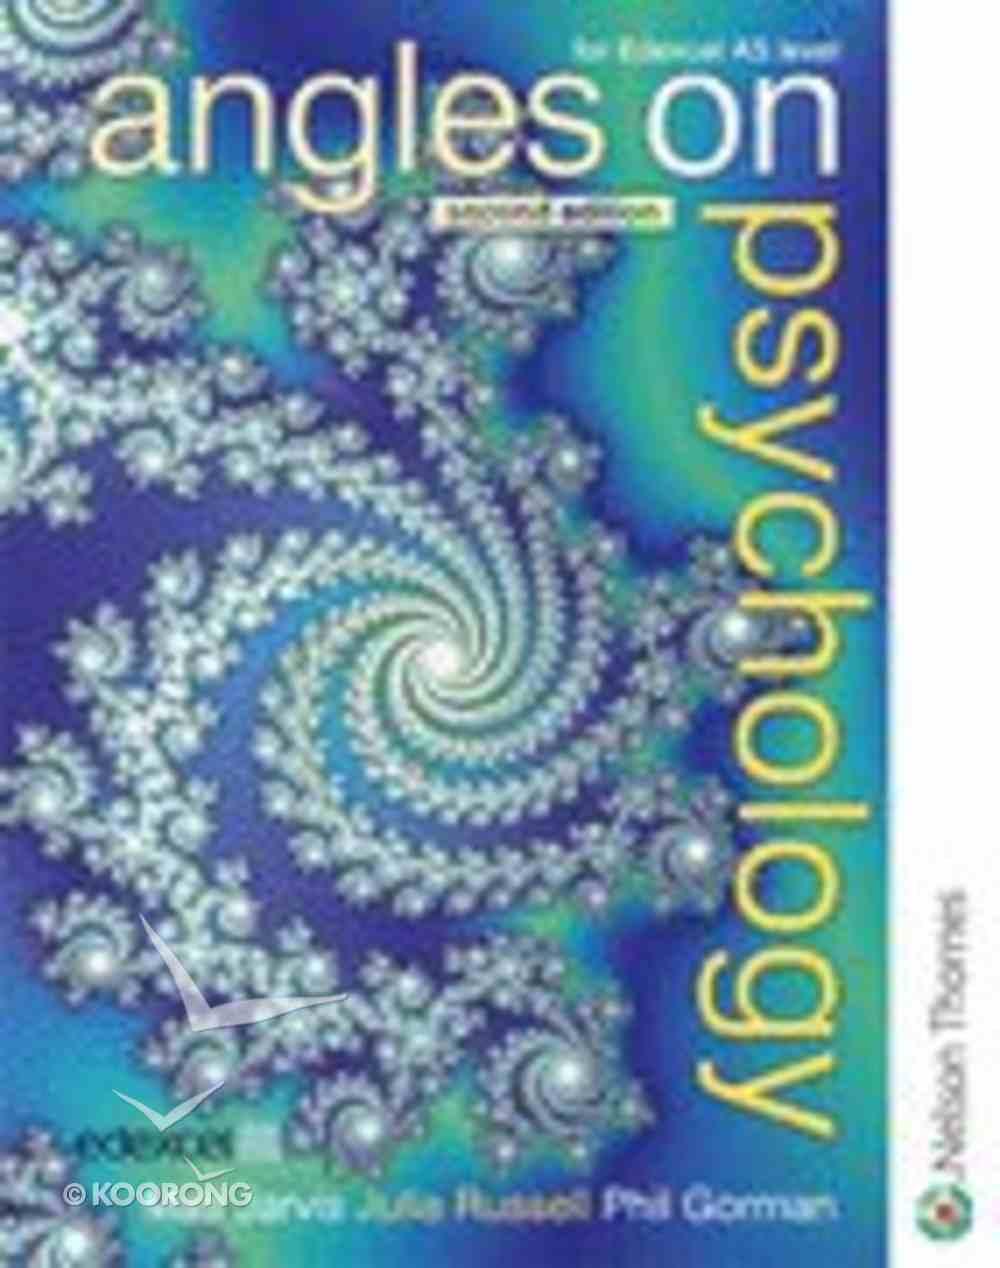 Angles on Psychology Paperback